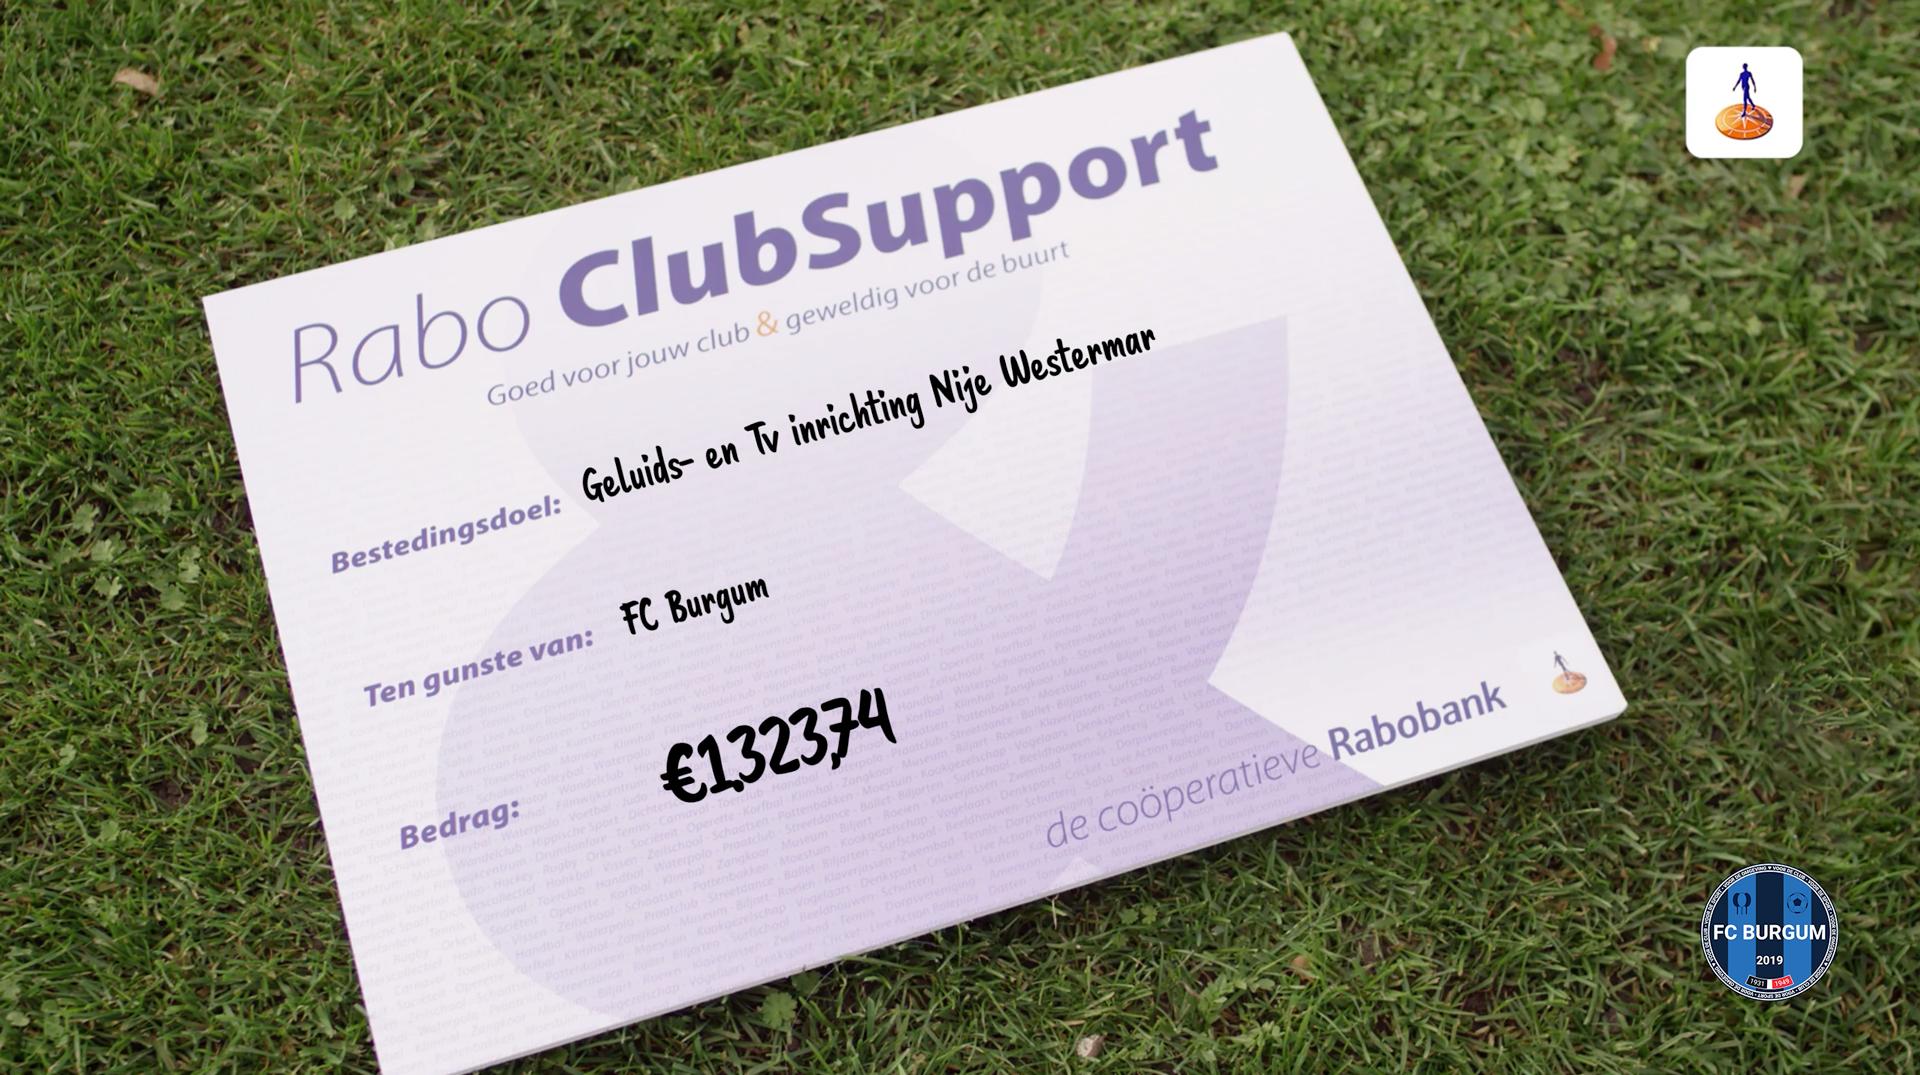 De uitslag van Rabo ClubSupport!